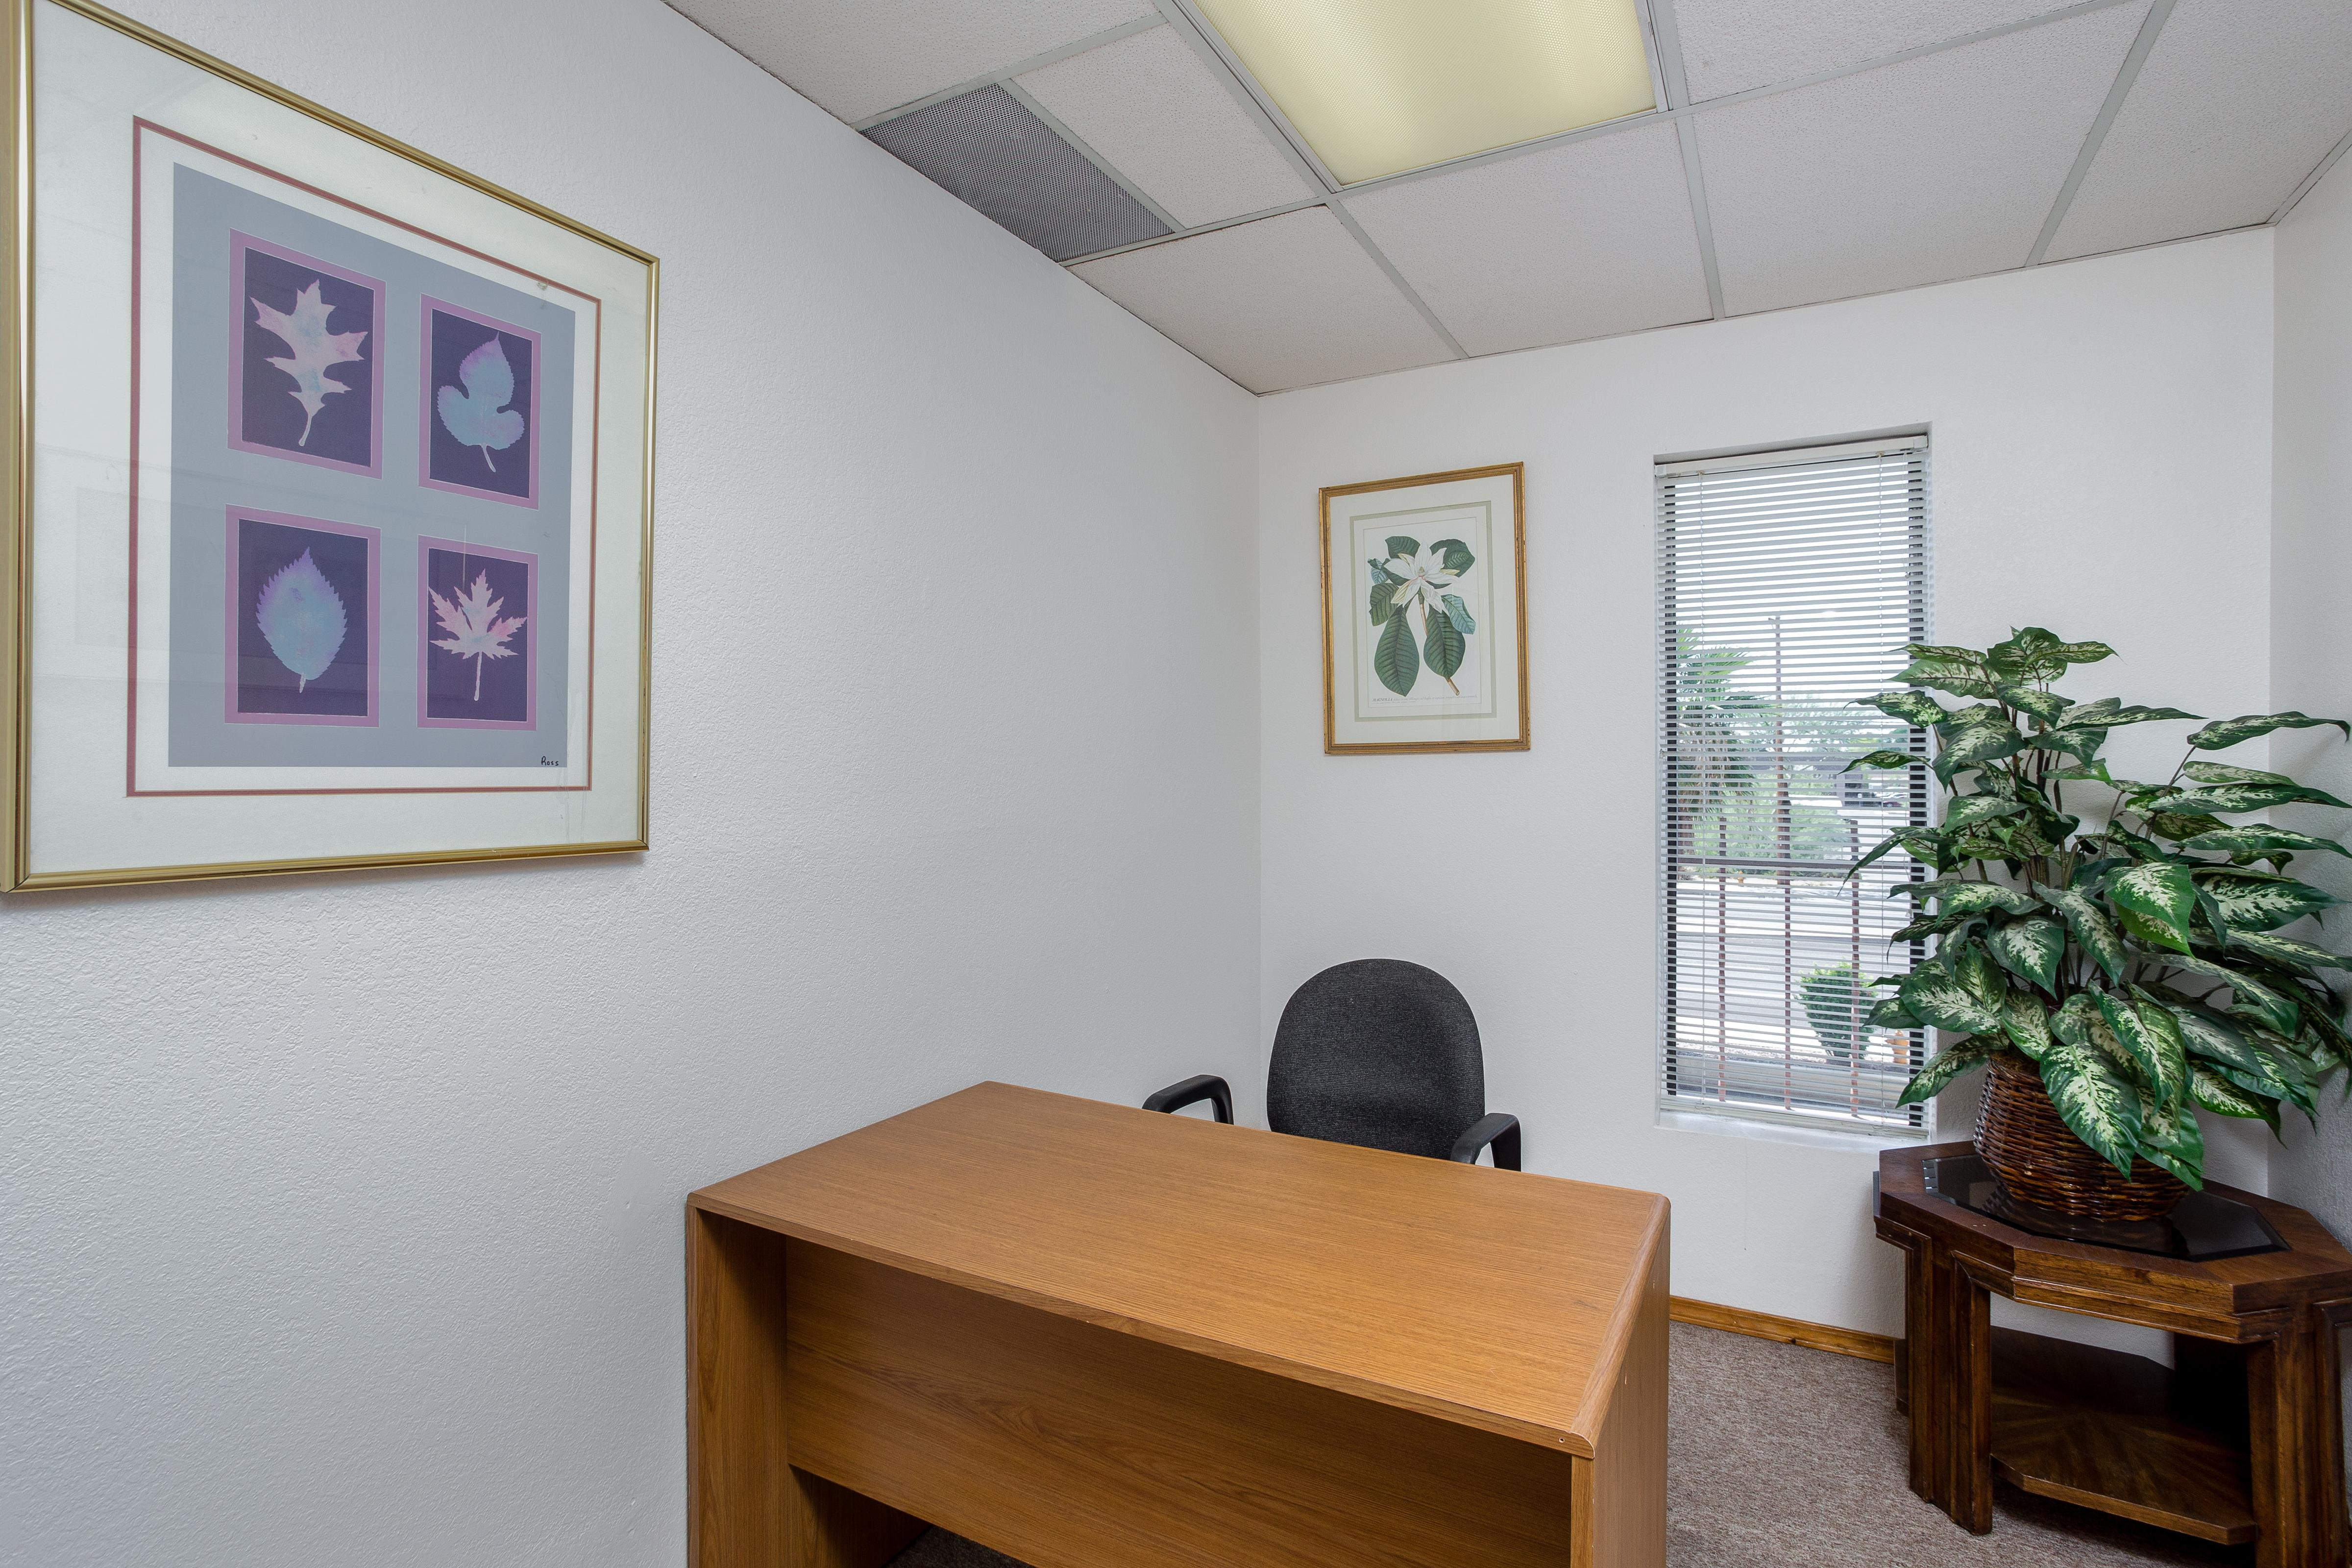 Paradise Palms Plaza - Office Suite 207A